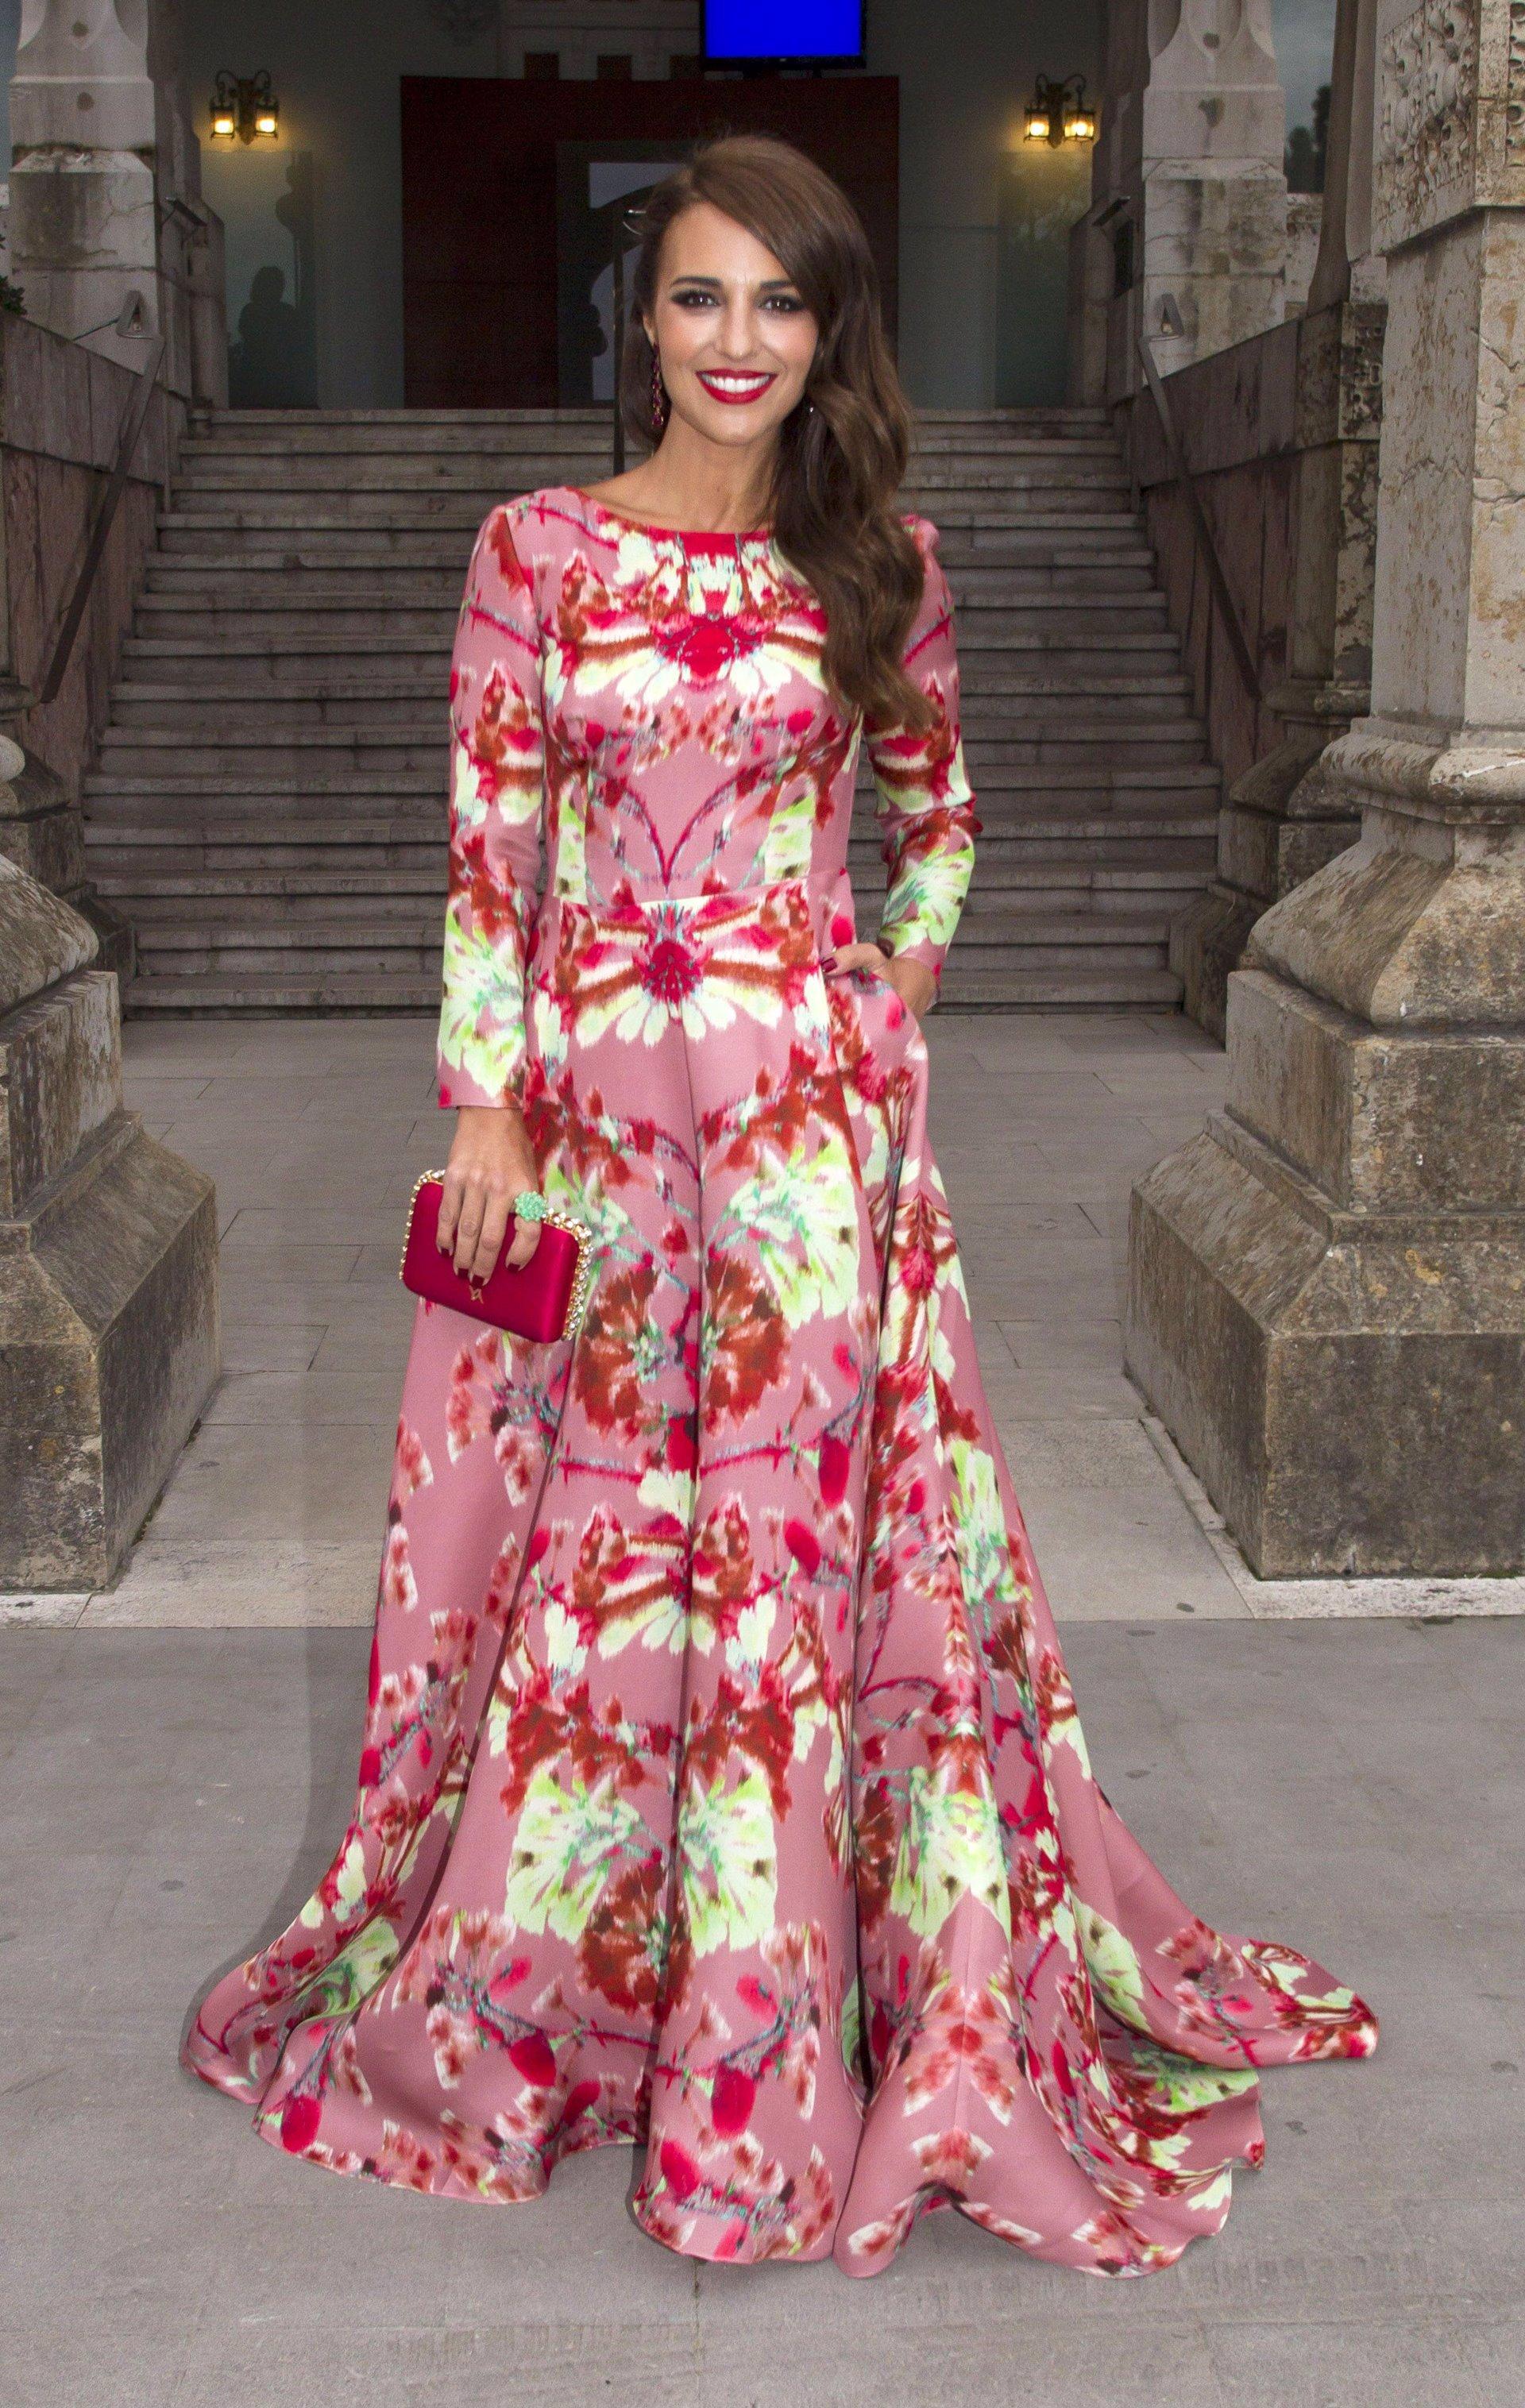 Vestido noche boda eva gonzalez – Vestidos de noche elegantes para ti